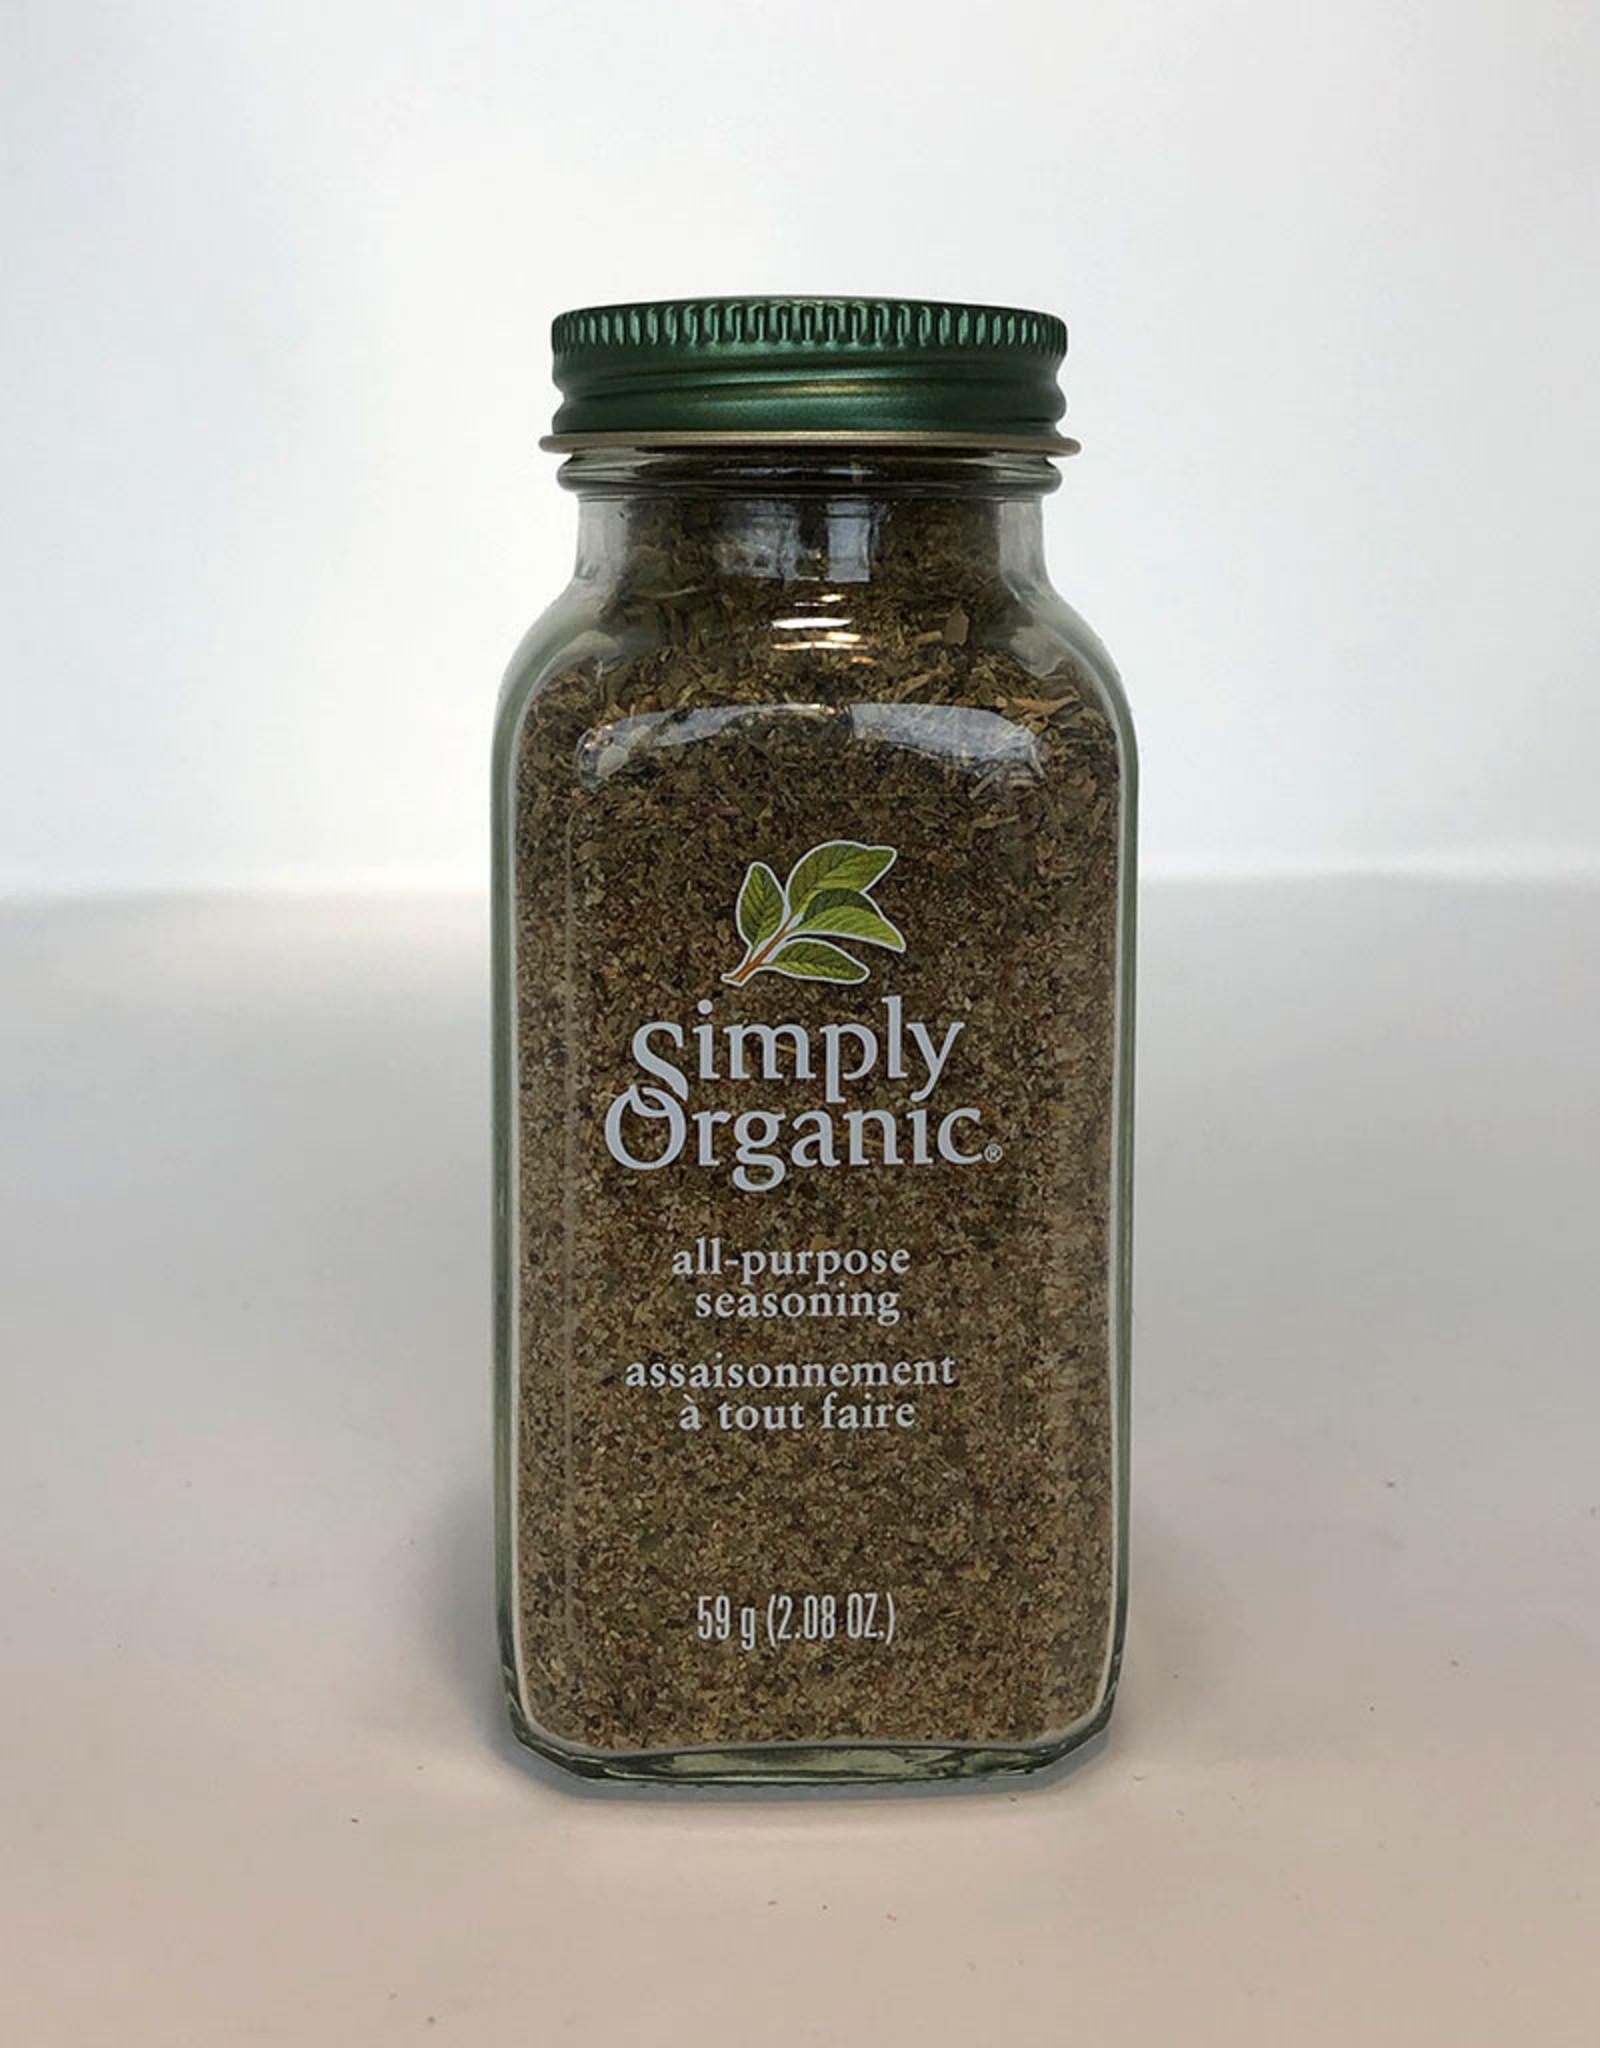 Simply Organic Simply Organic - All Purpose Seasoning (59g)